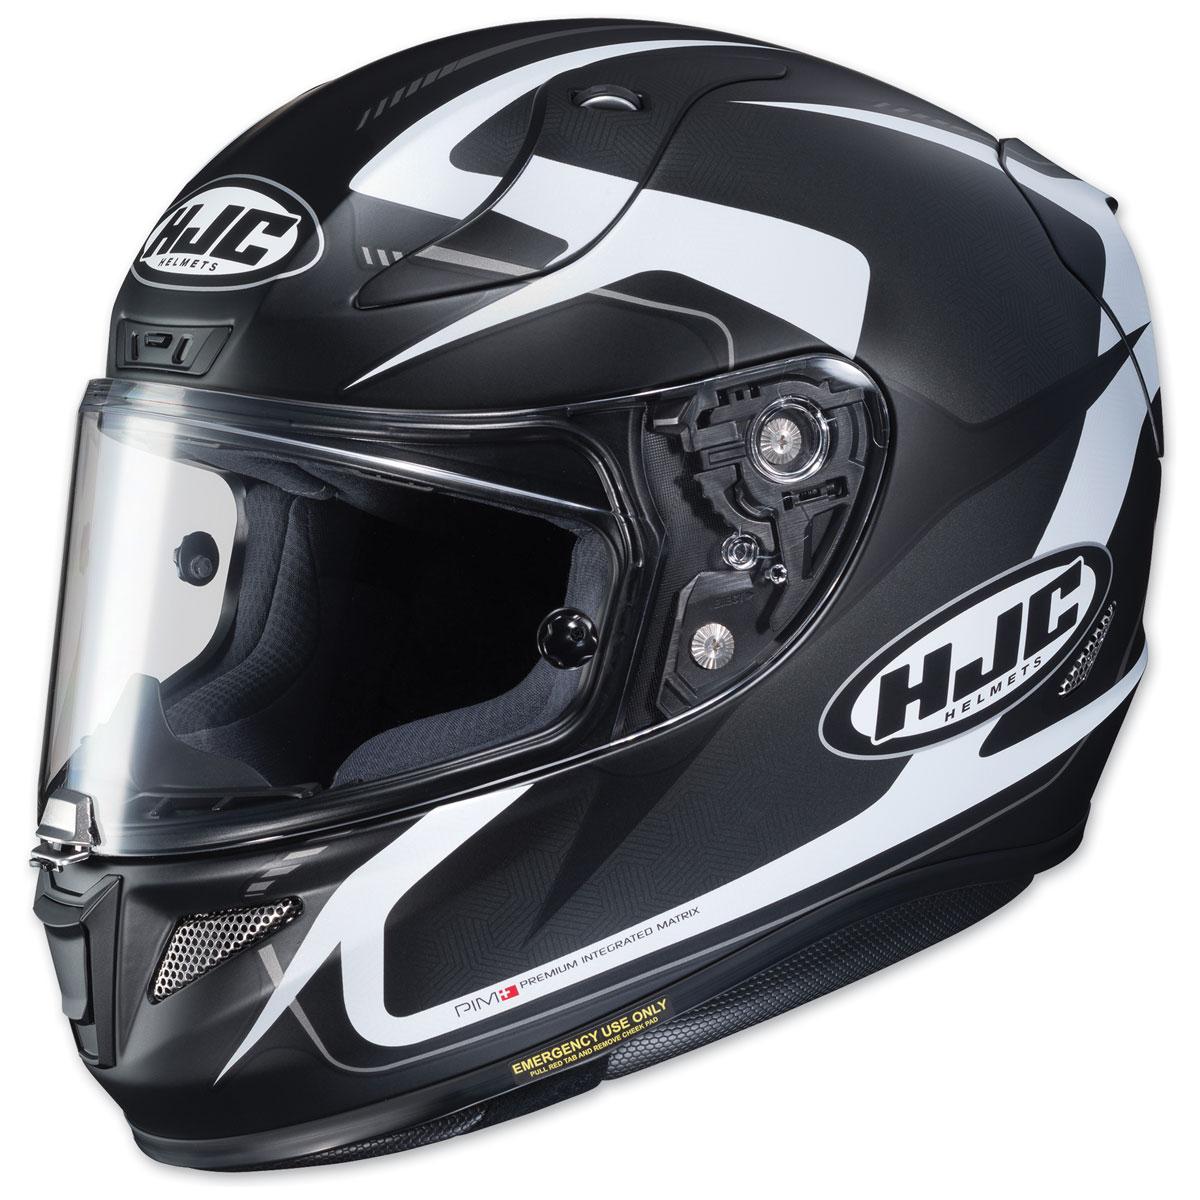 HJC RPHA 11 Pro Bludom Black/White Full Face Helmet